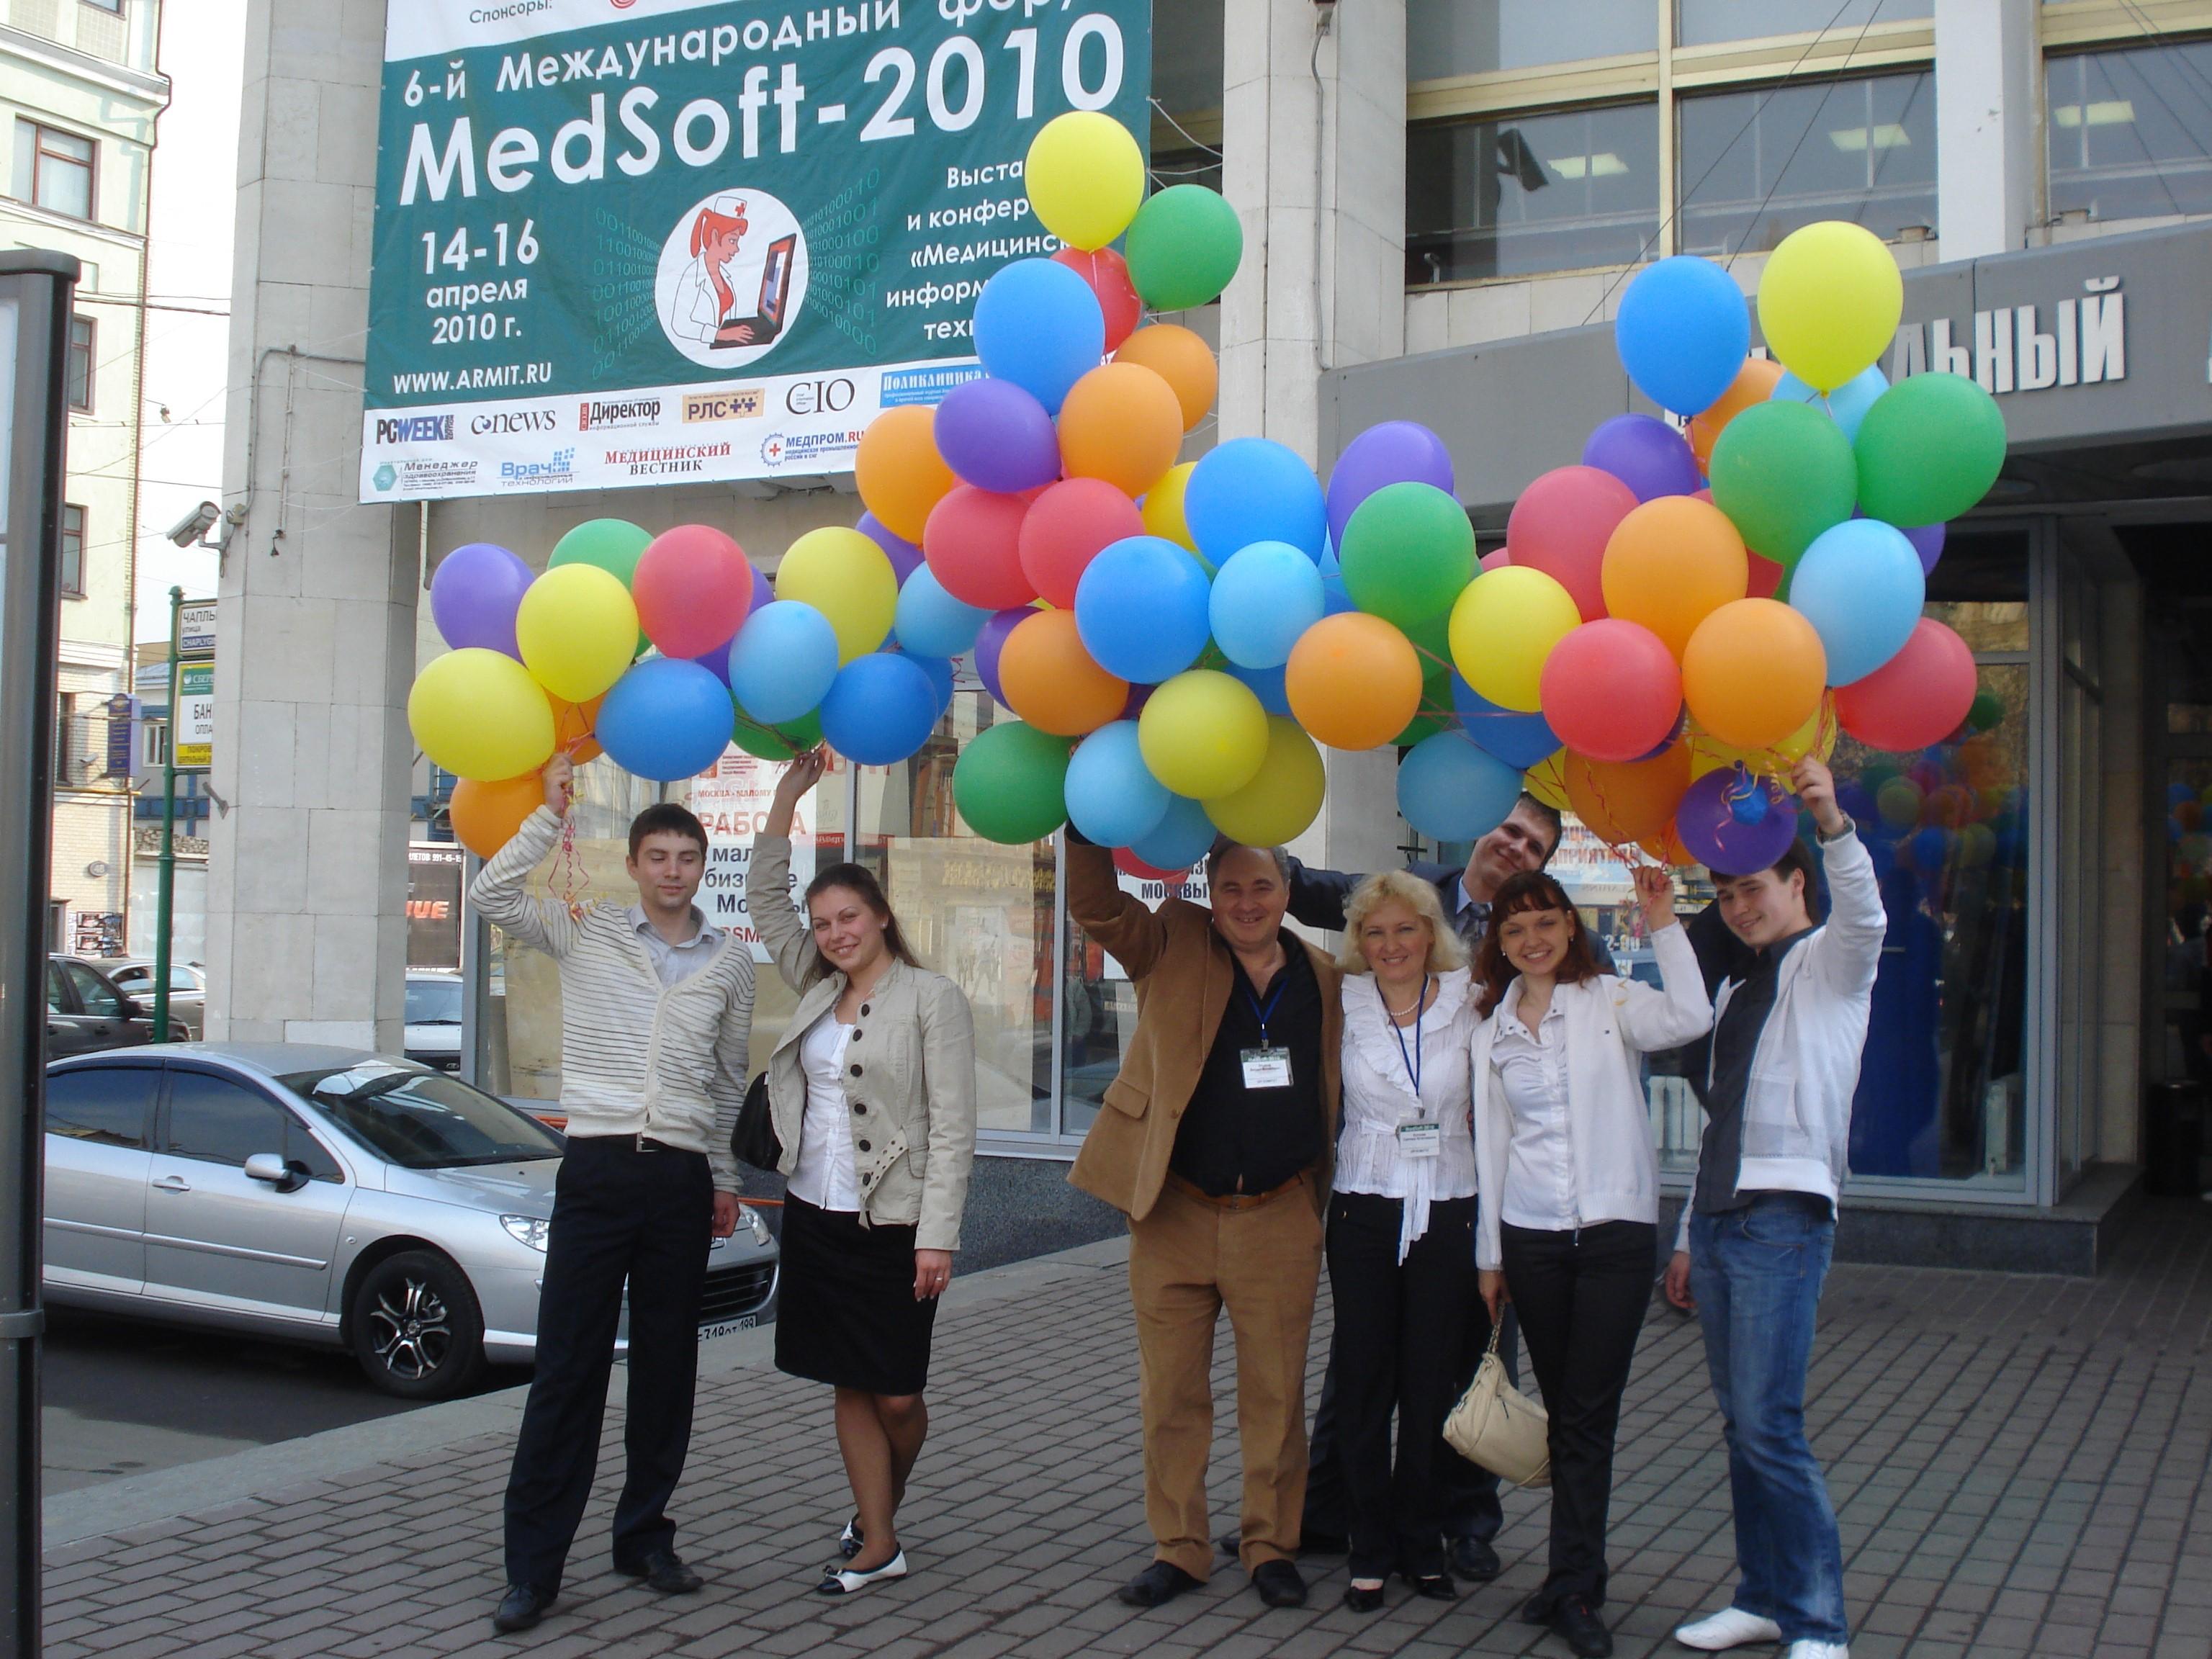 medsoft2010